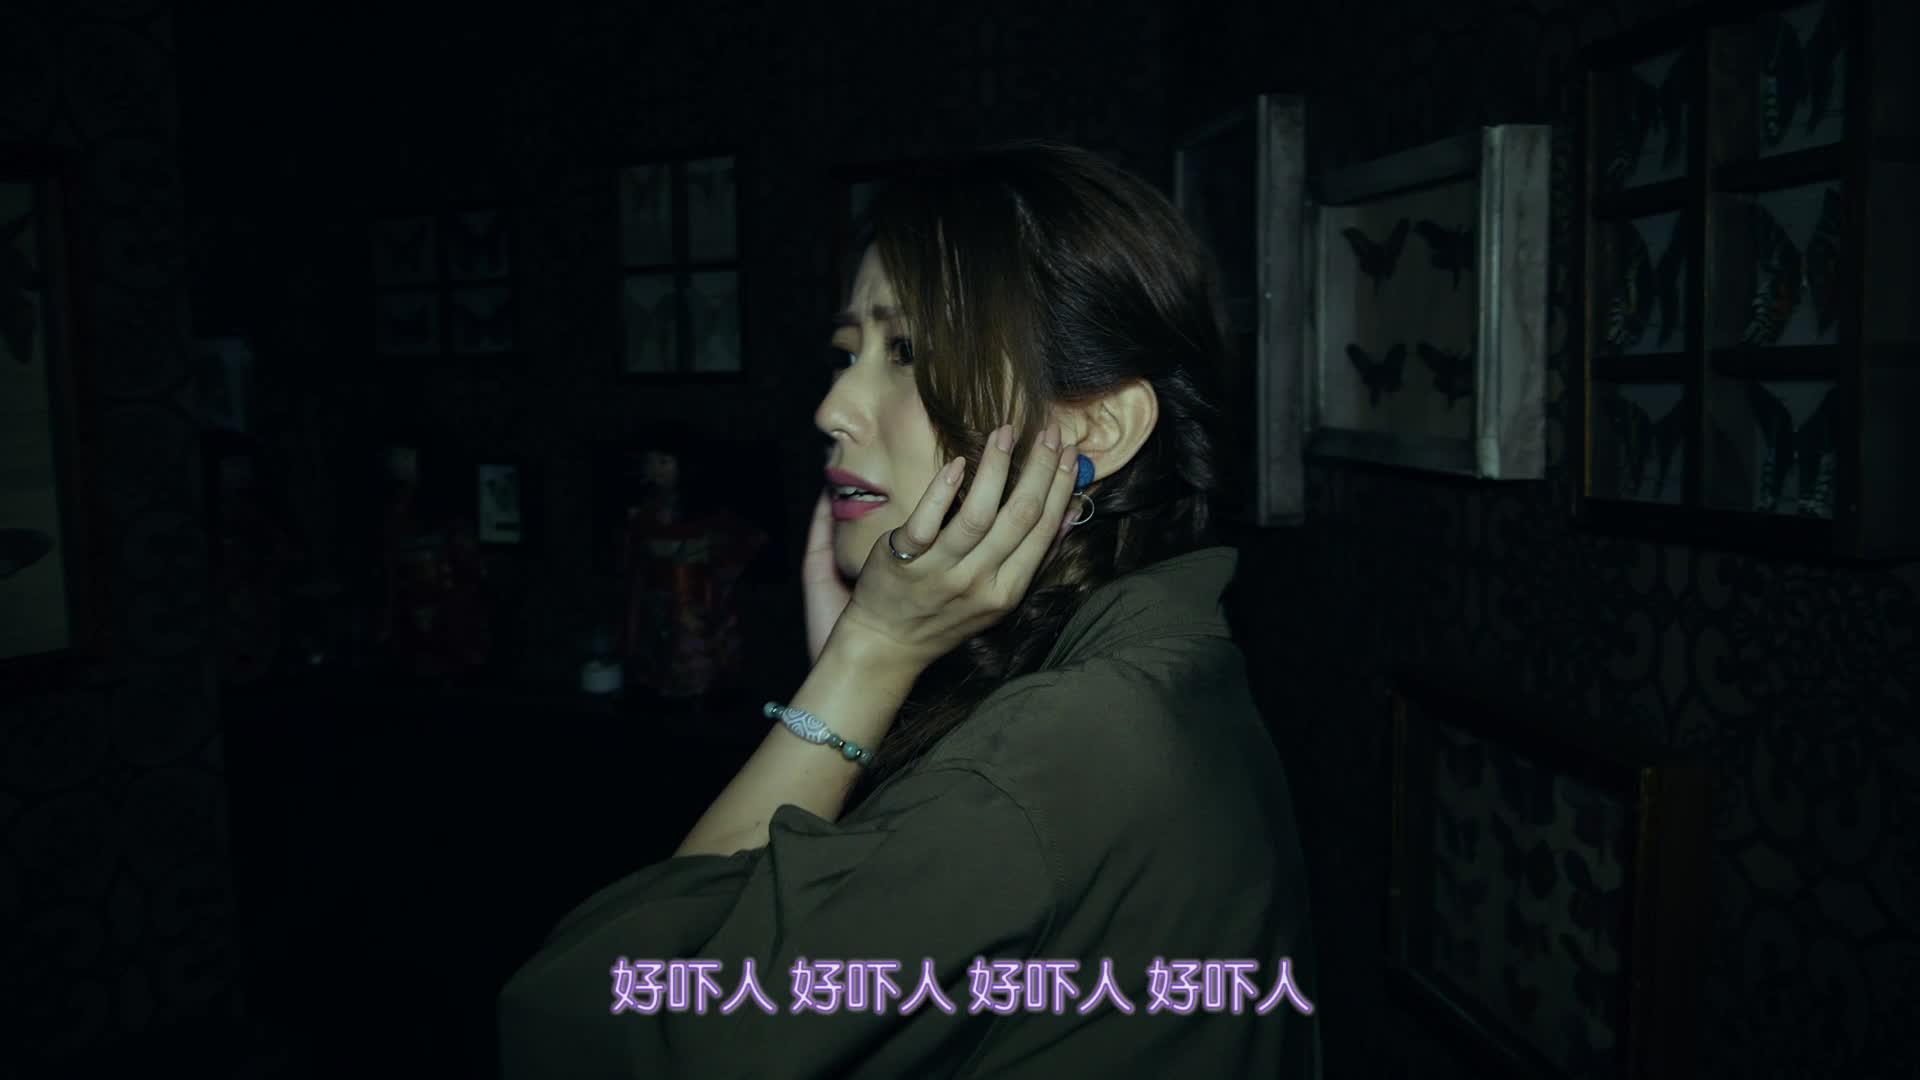 去东京巨蛋城鬼屋体验日本独特的消夏方式,到9月23号截止哦!